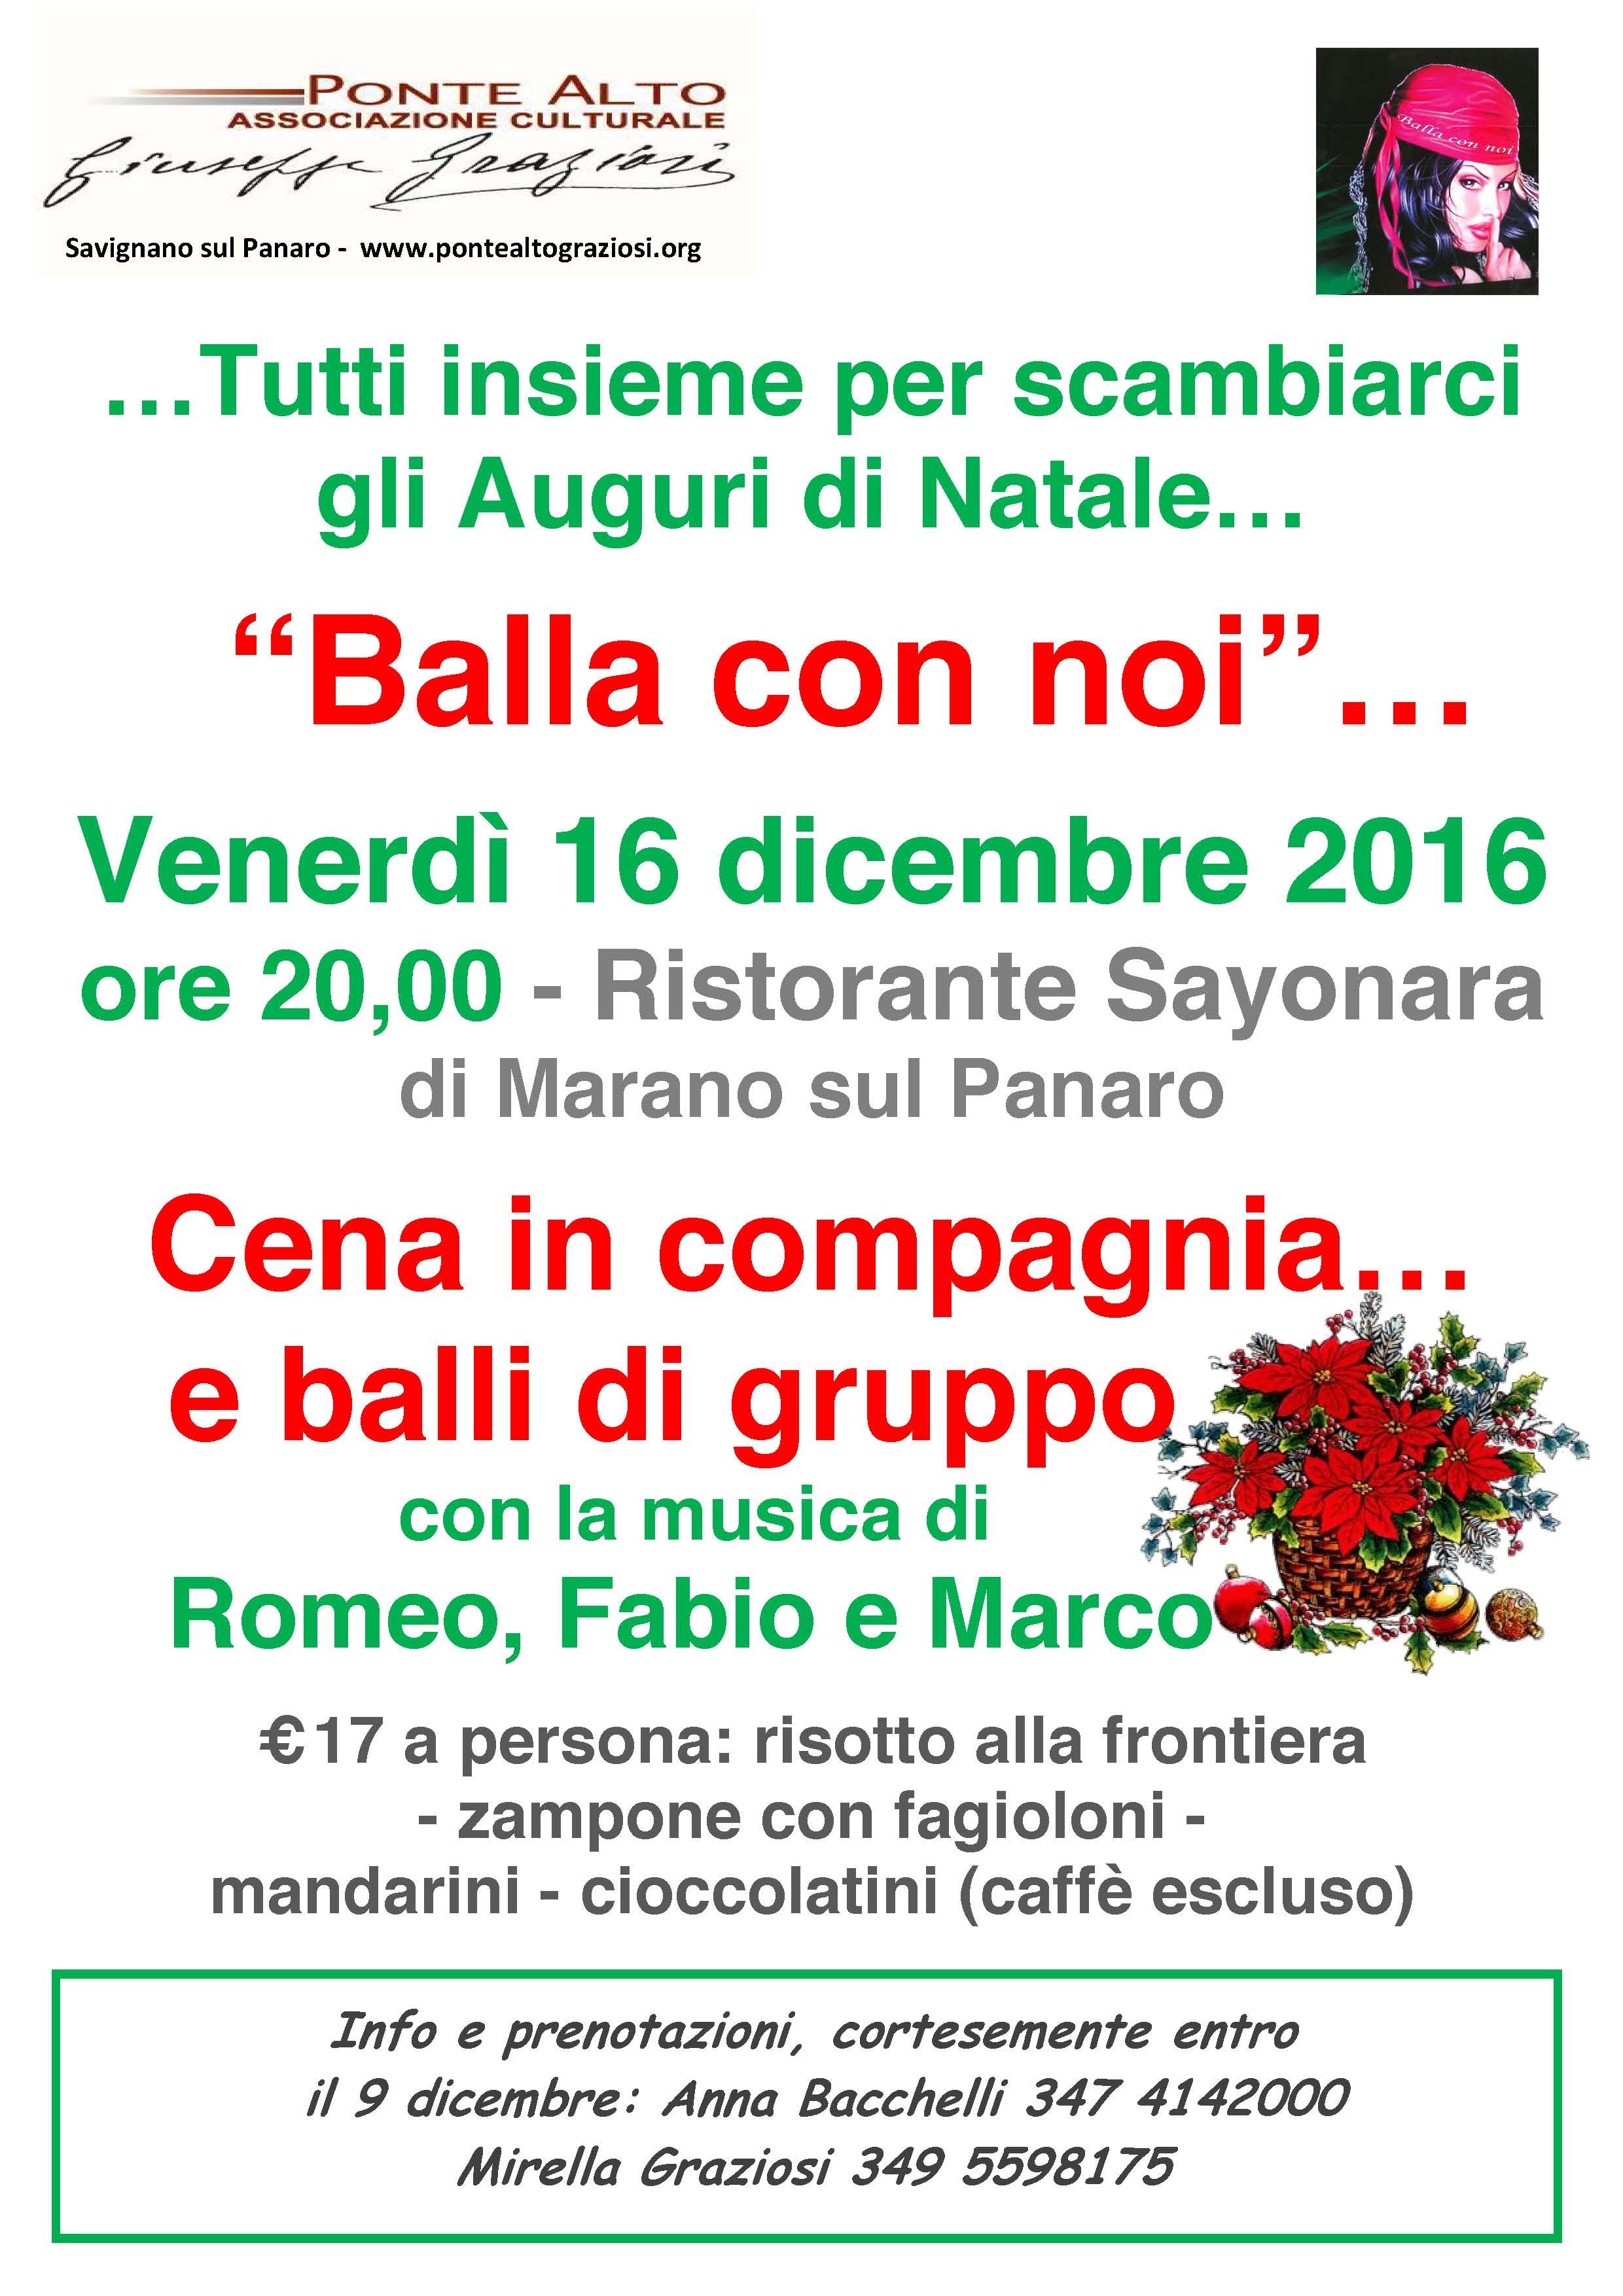 Scambio Auguri Di Natale.Balla Con Noi Tutti Insieme Per Lo Scambio Degli Auguri Di Natale Ponte Alto Giuseppe Graziosi